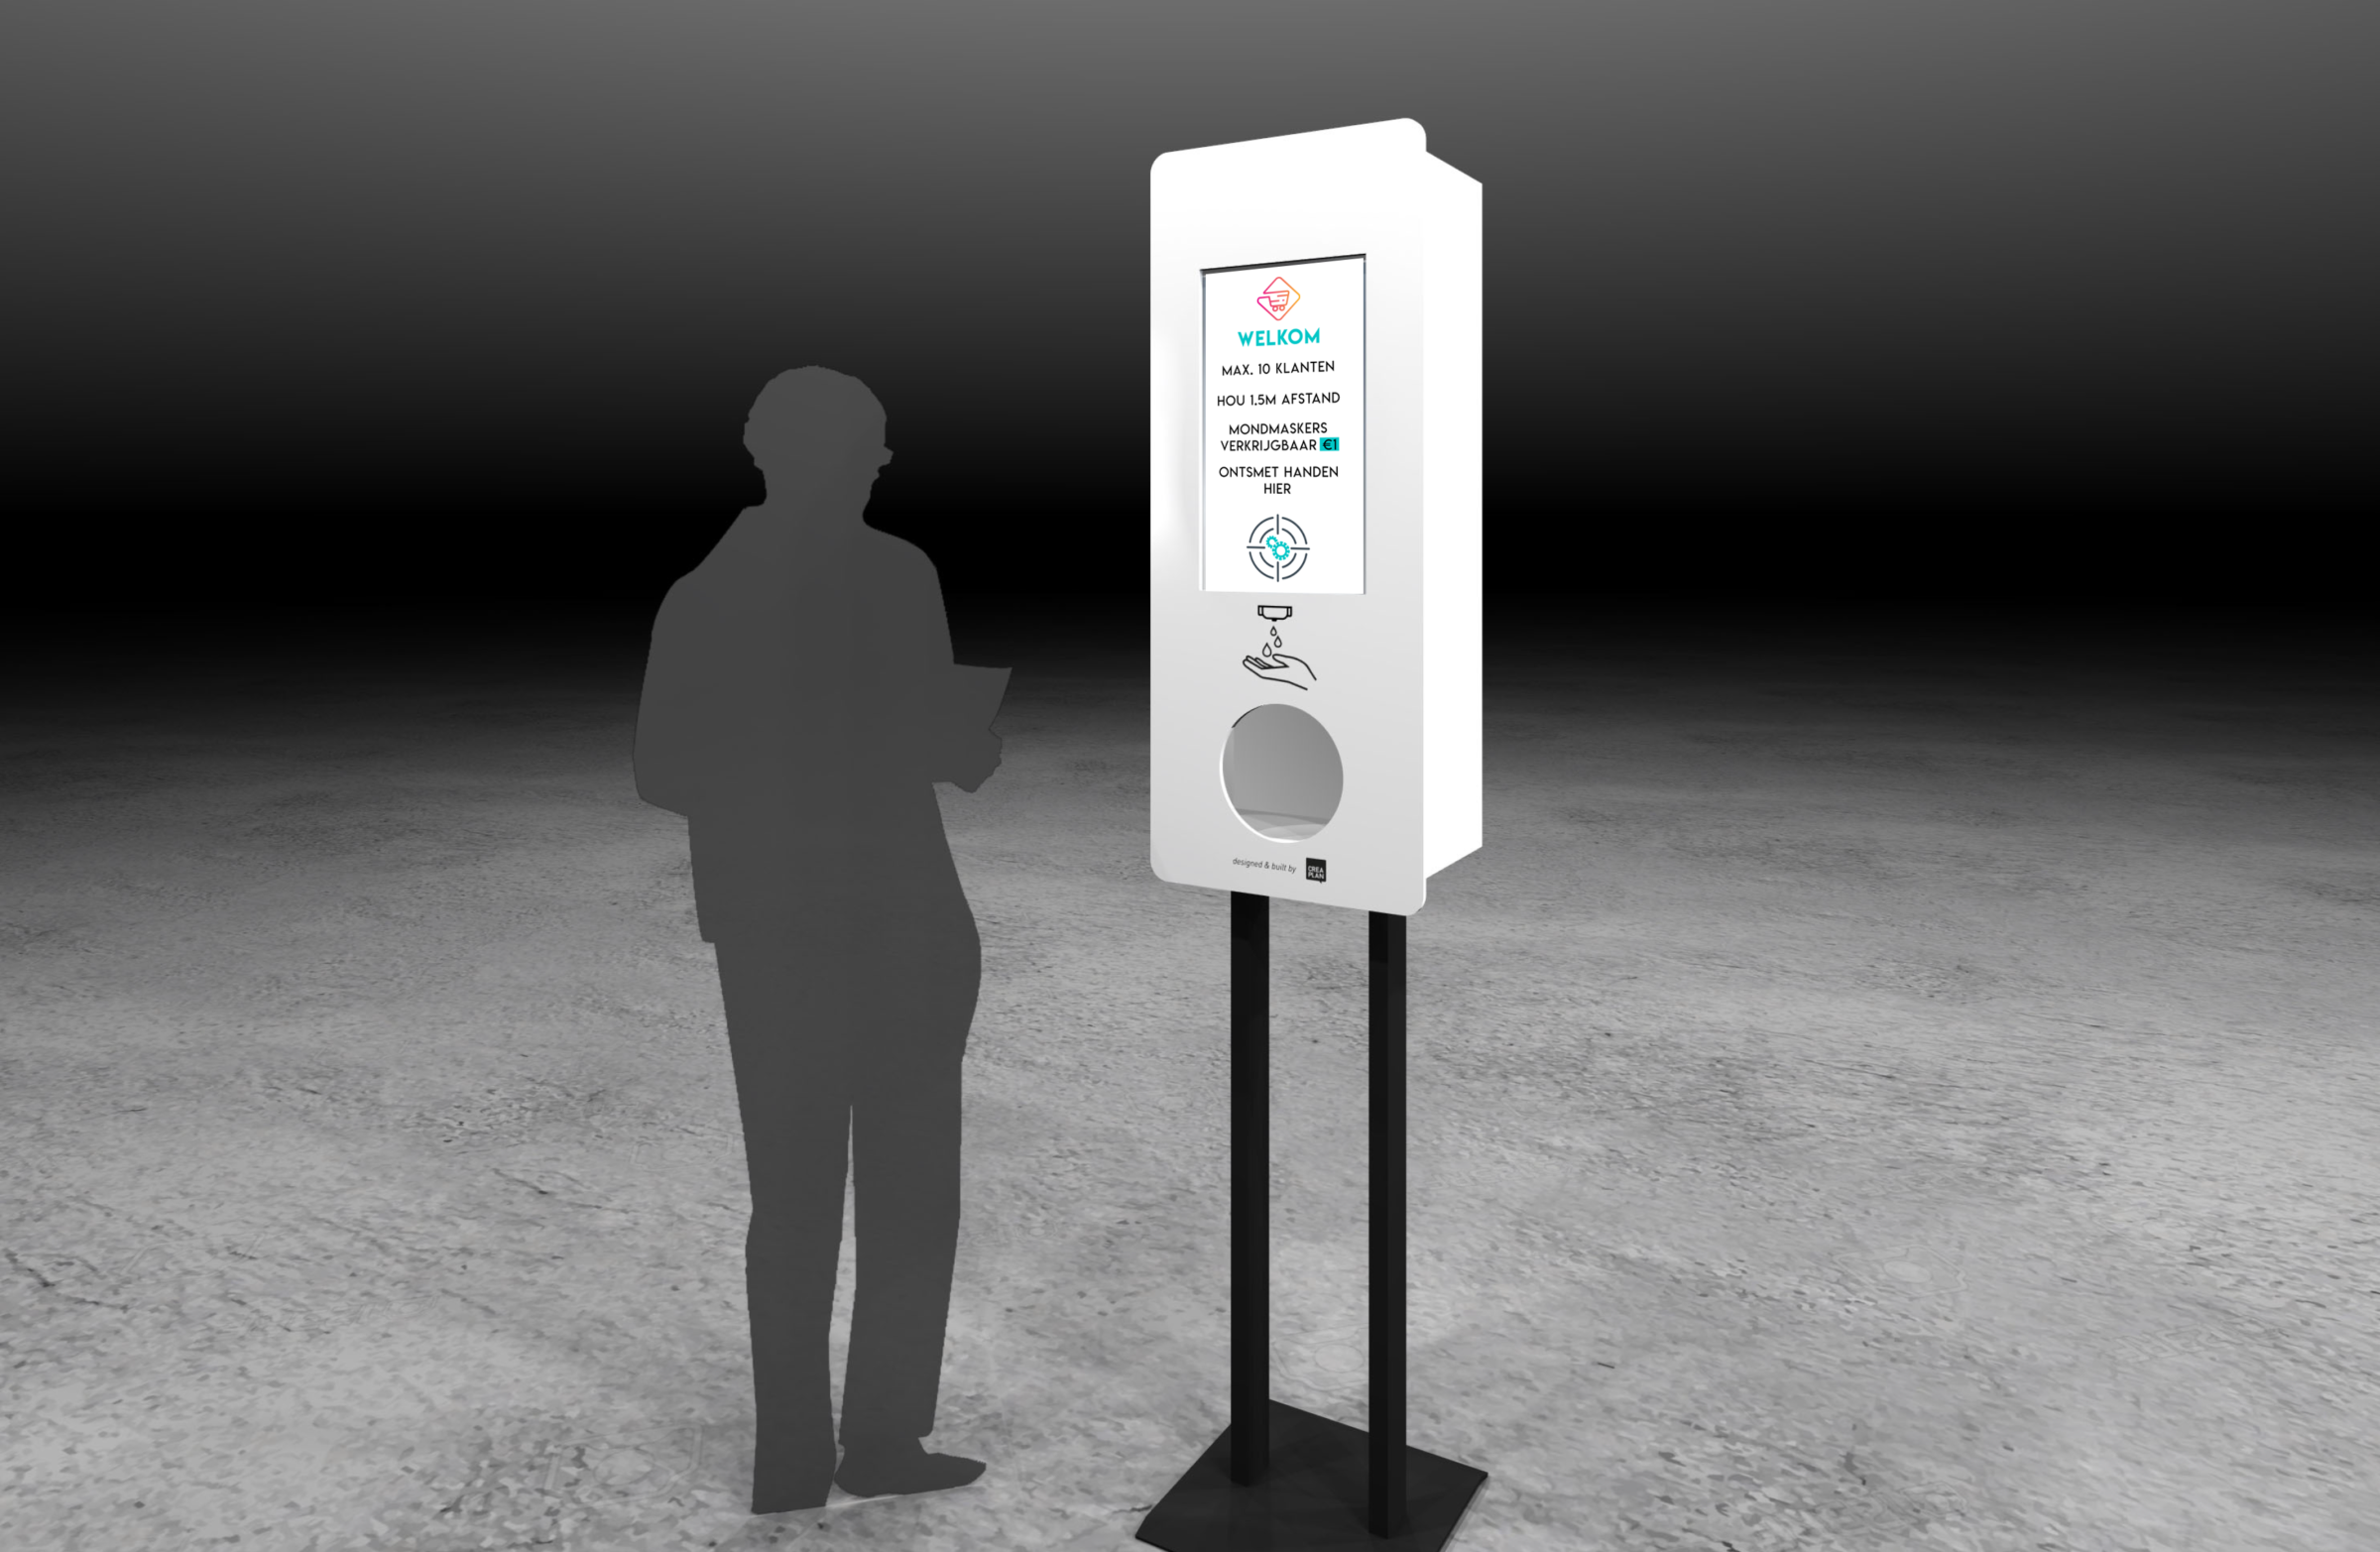 totem met scherm en automatische handgel dispenser